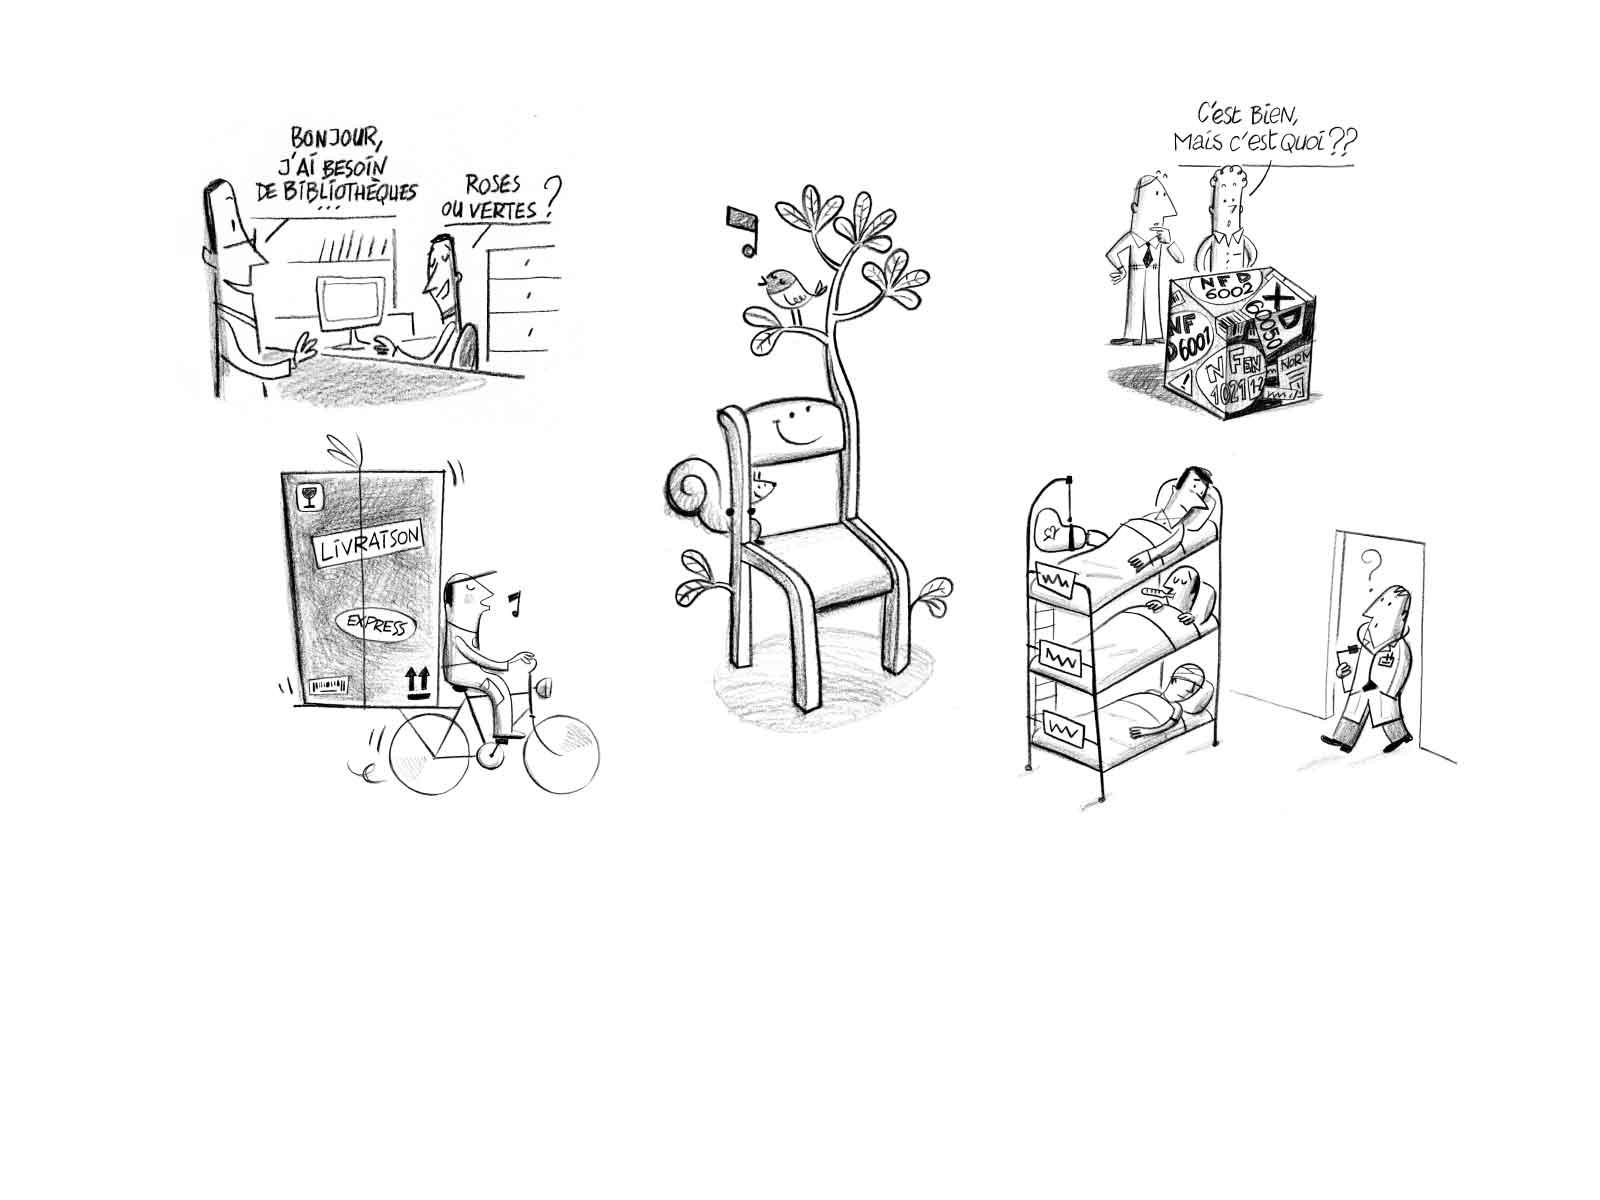 ERICK-Illustrations-DESSINS DE PRESSE-2846